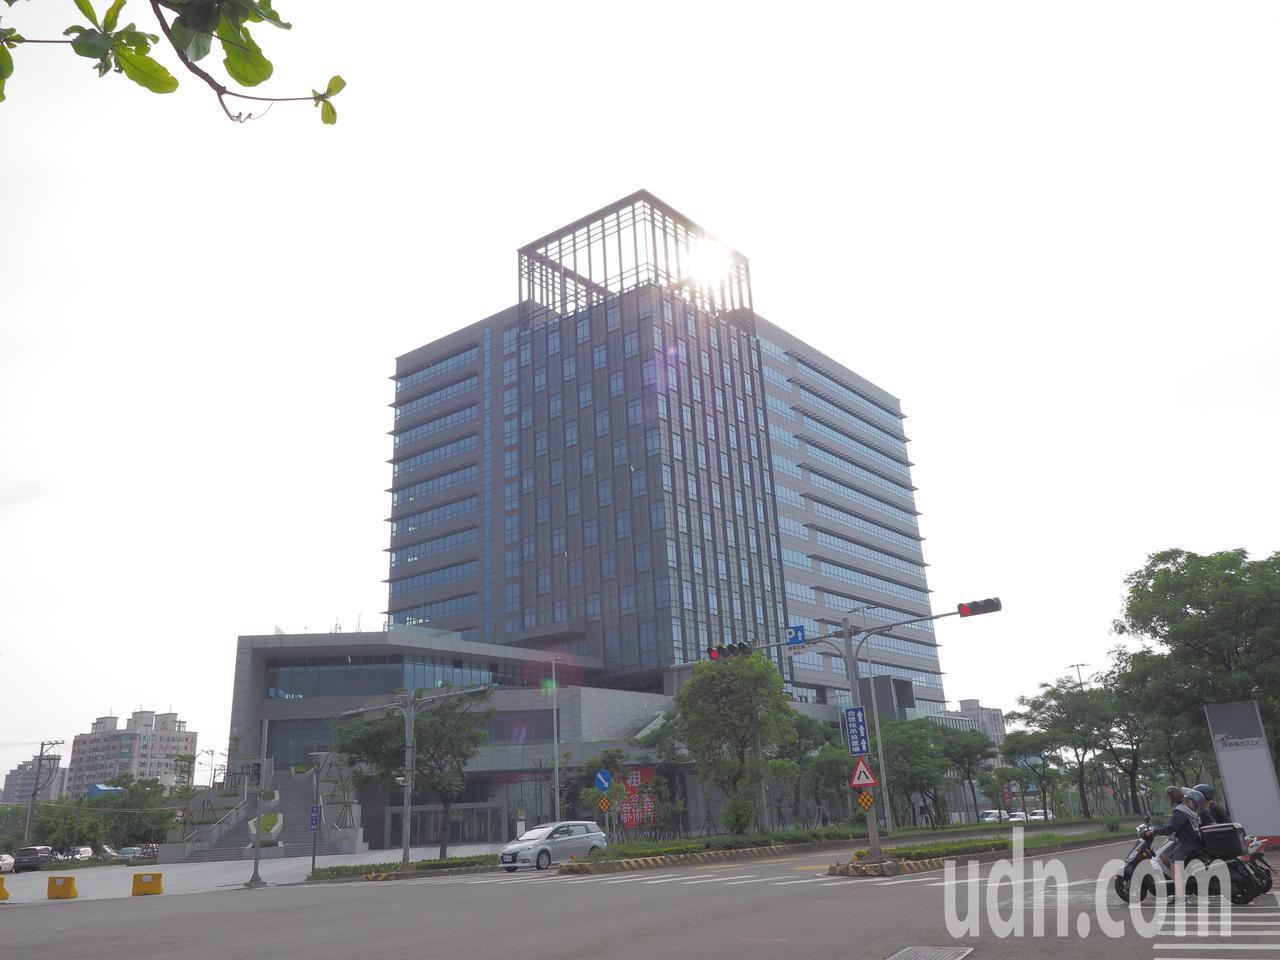 新竹公道五週邊發展蓬勃,嶄新商辦大樓林立。記者陳斯穎/攝影